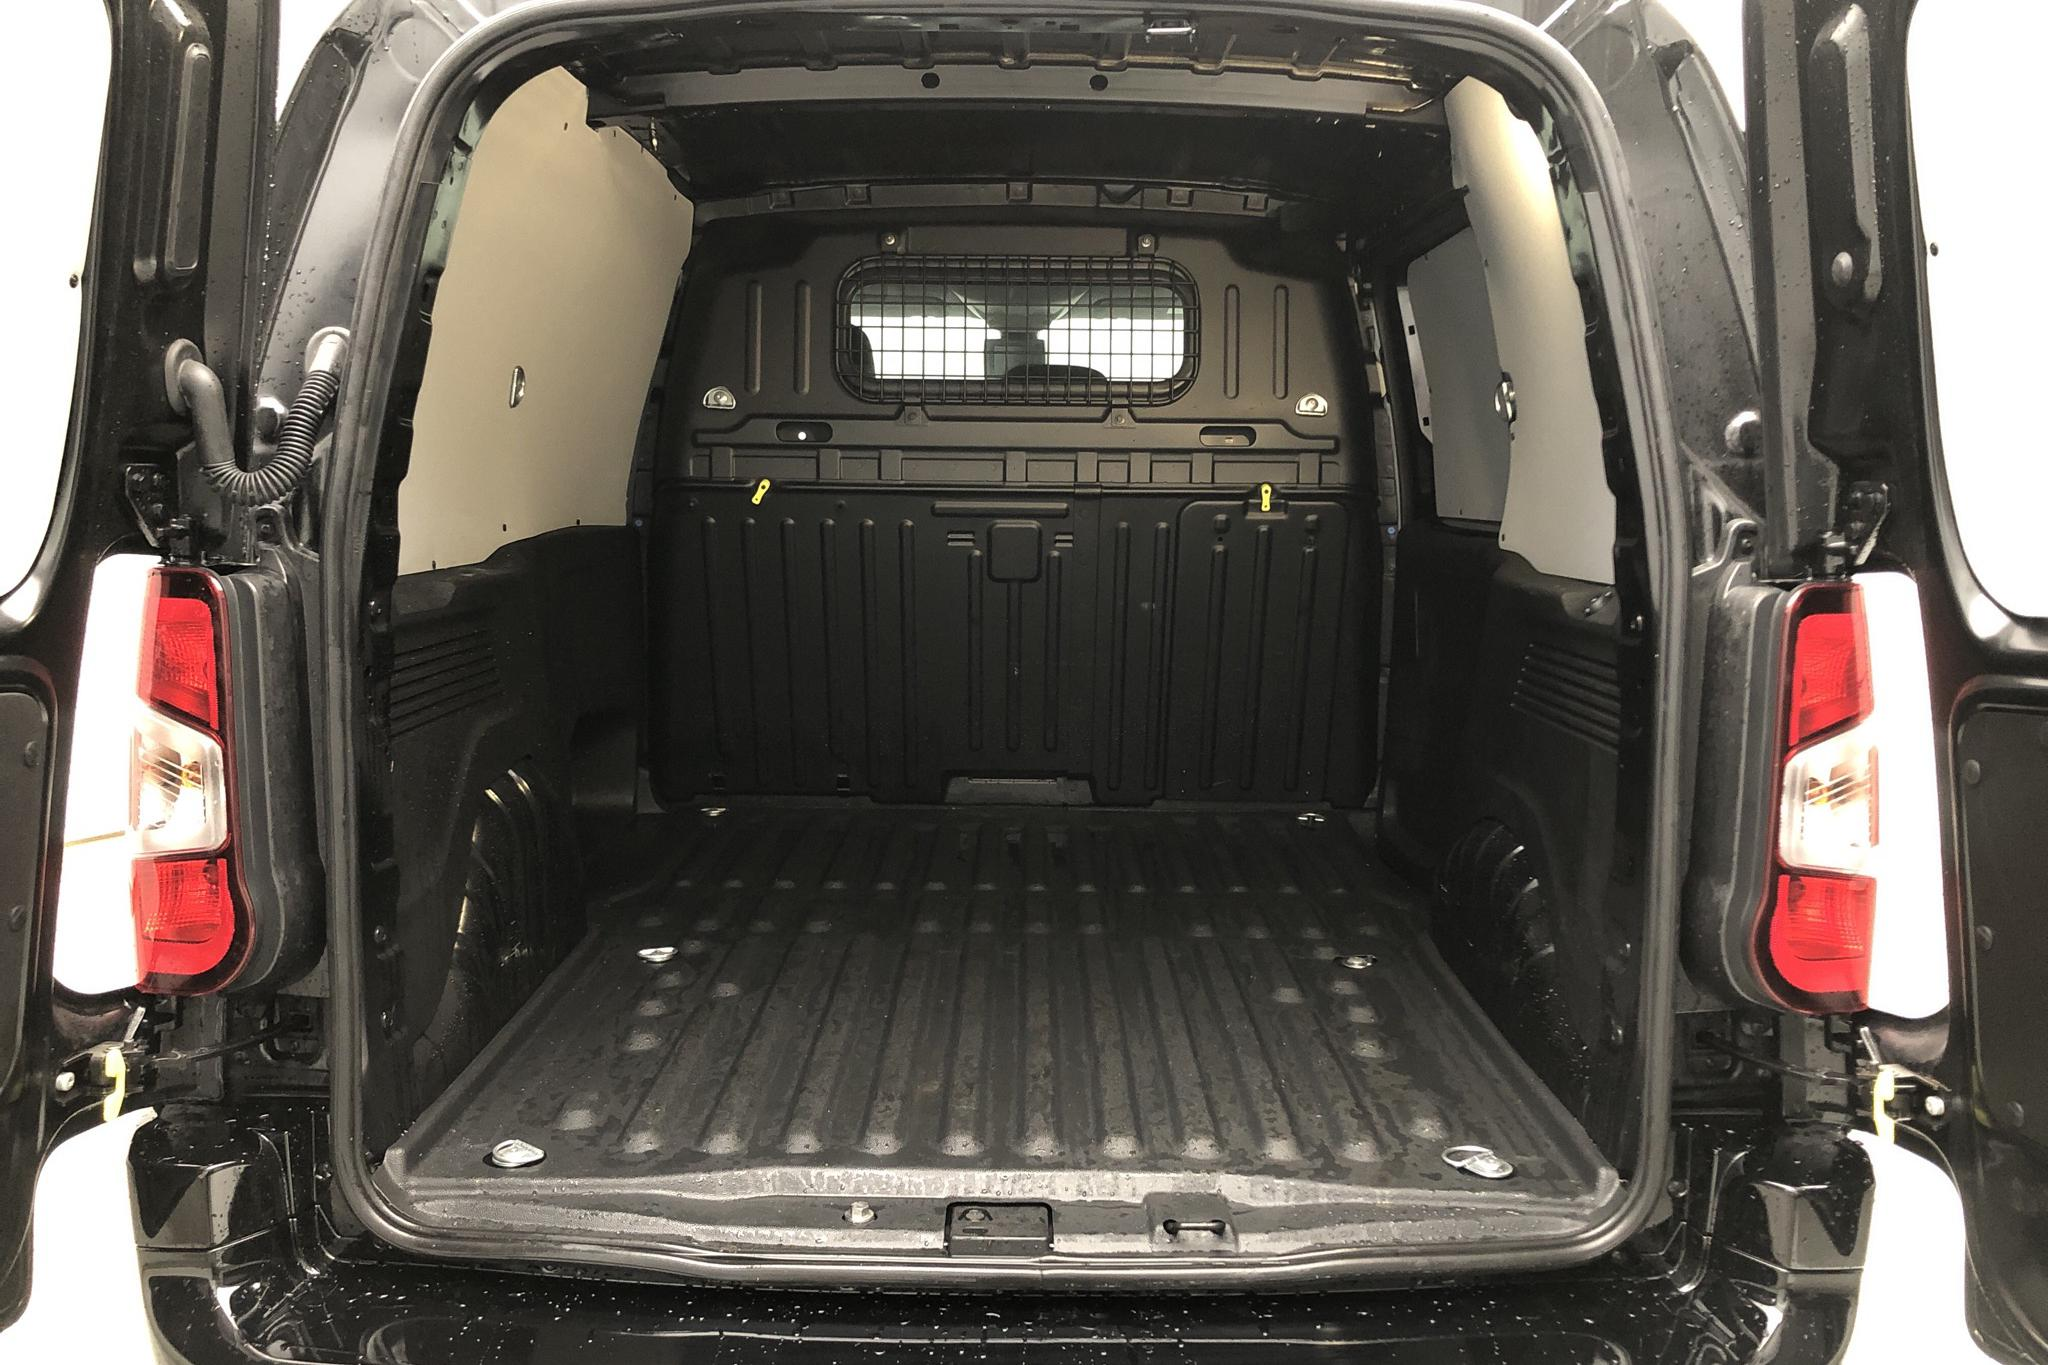 Peugeot Partner 1.5 HDI Skåp (130hk) - 1 680 km - Automatic - black - 2019